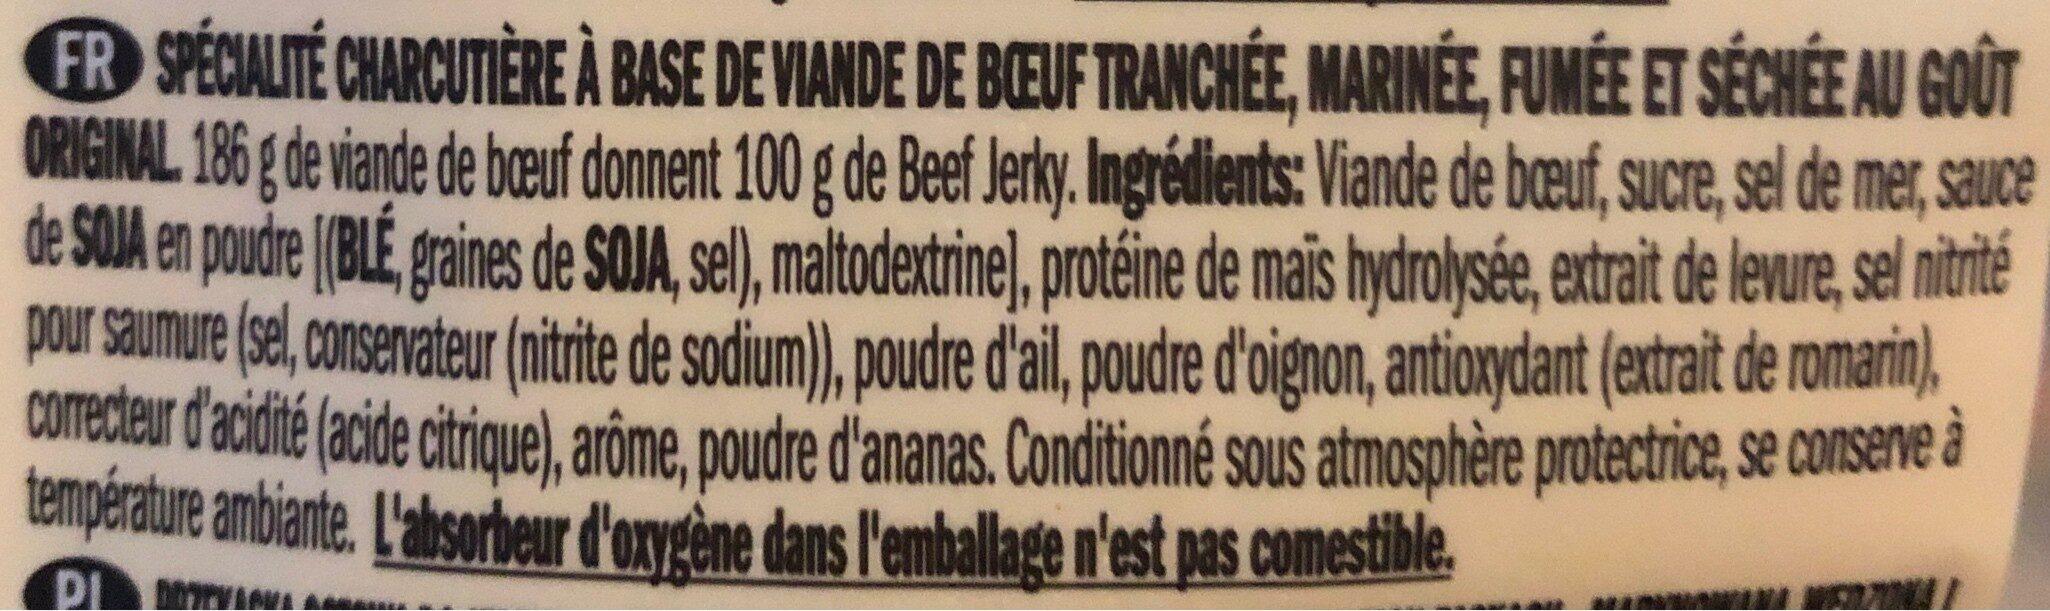 Beef jerky original - Ingredienti - fr